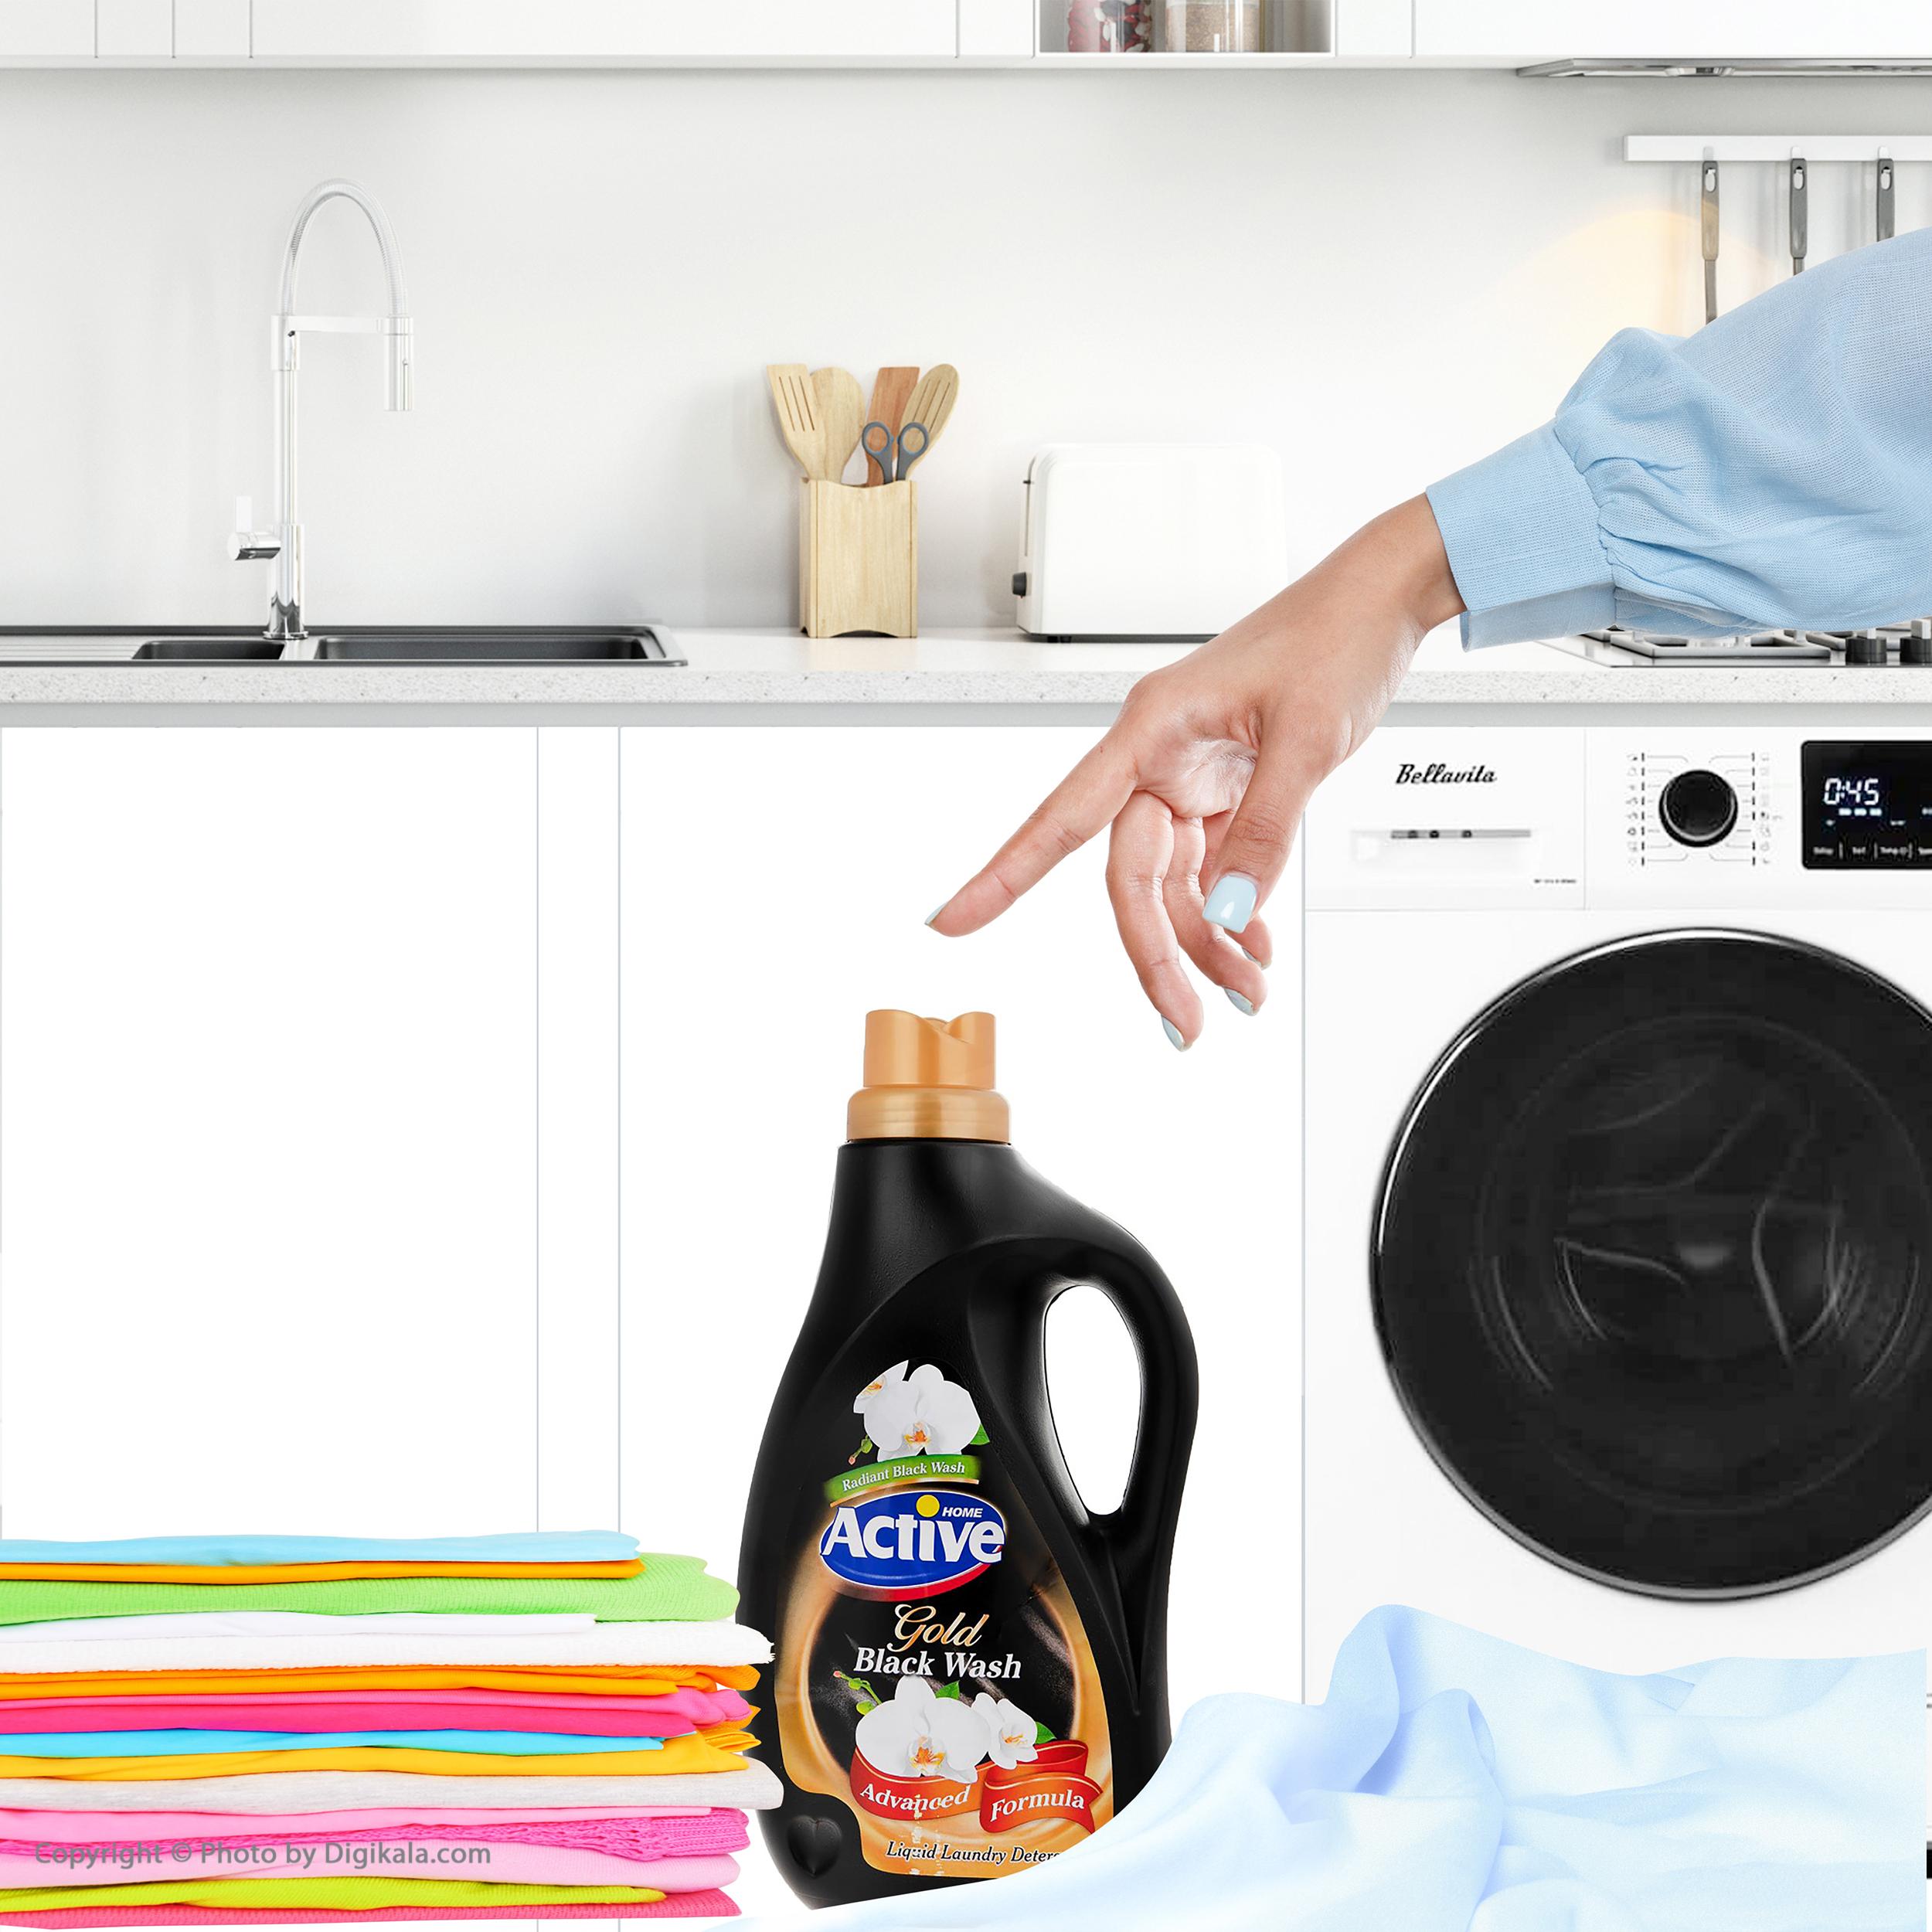 مایع لباسشویی اکتیو مخصوص لباس های تیره حجم 2500 گرم main 1 5